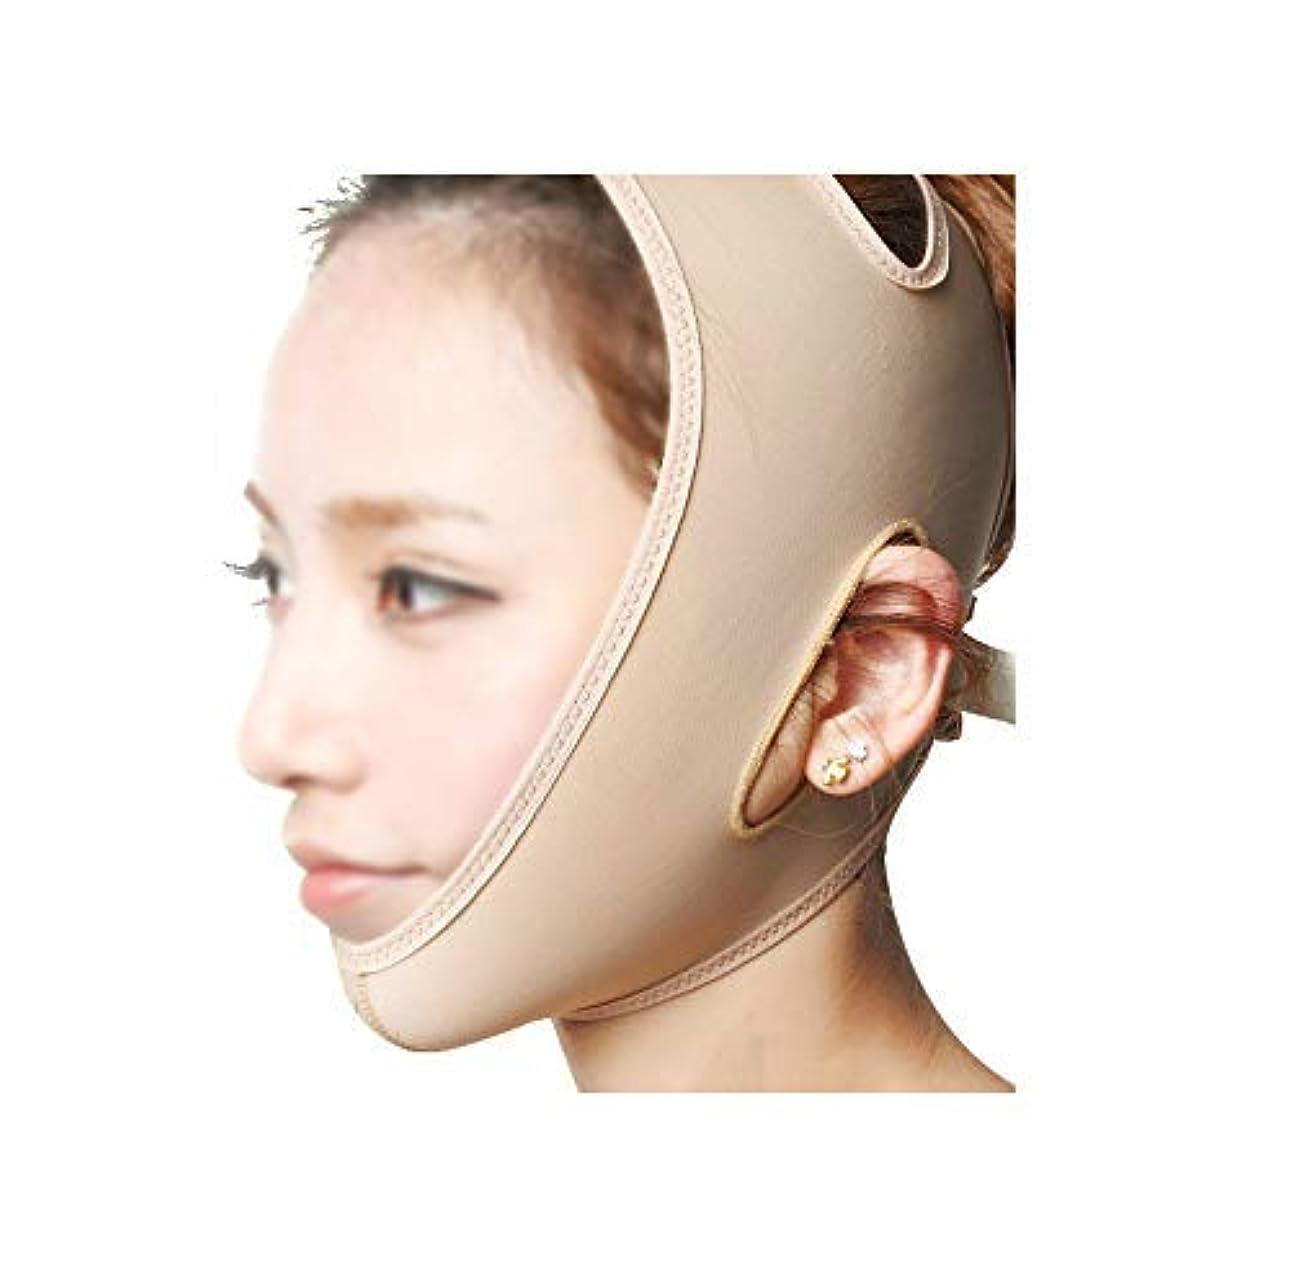 代表団急ぐこだわりフェイスリフティングバンデージ、フェイスマスク3Dパネルデザイン、通気性に優れたライクラ素材の物理的なVフェイス、美しい顔の輪郭の作成(サイズ:S),ザ?